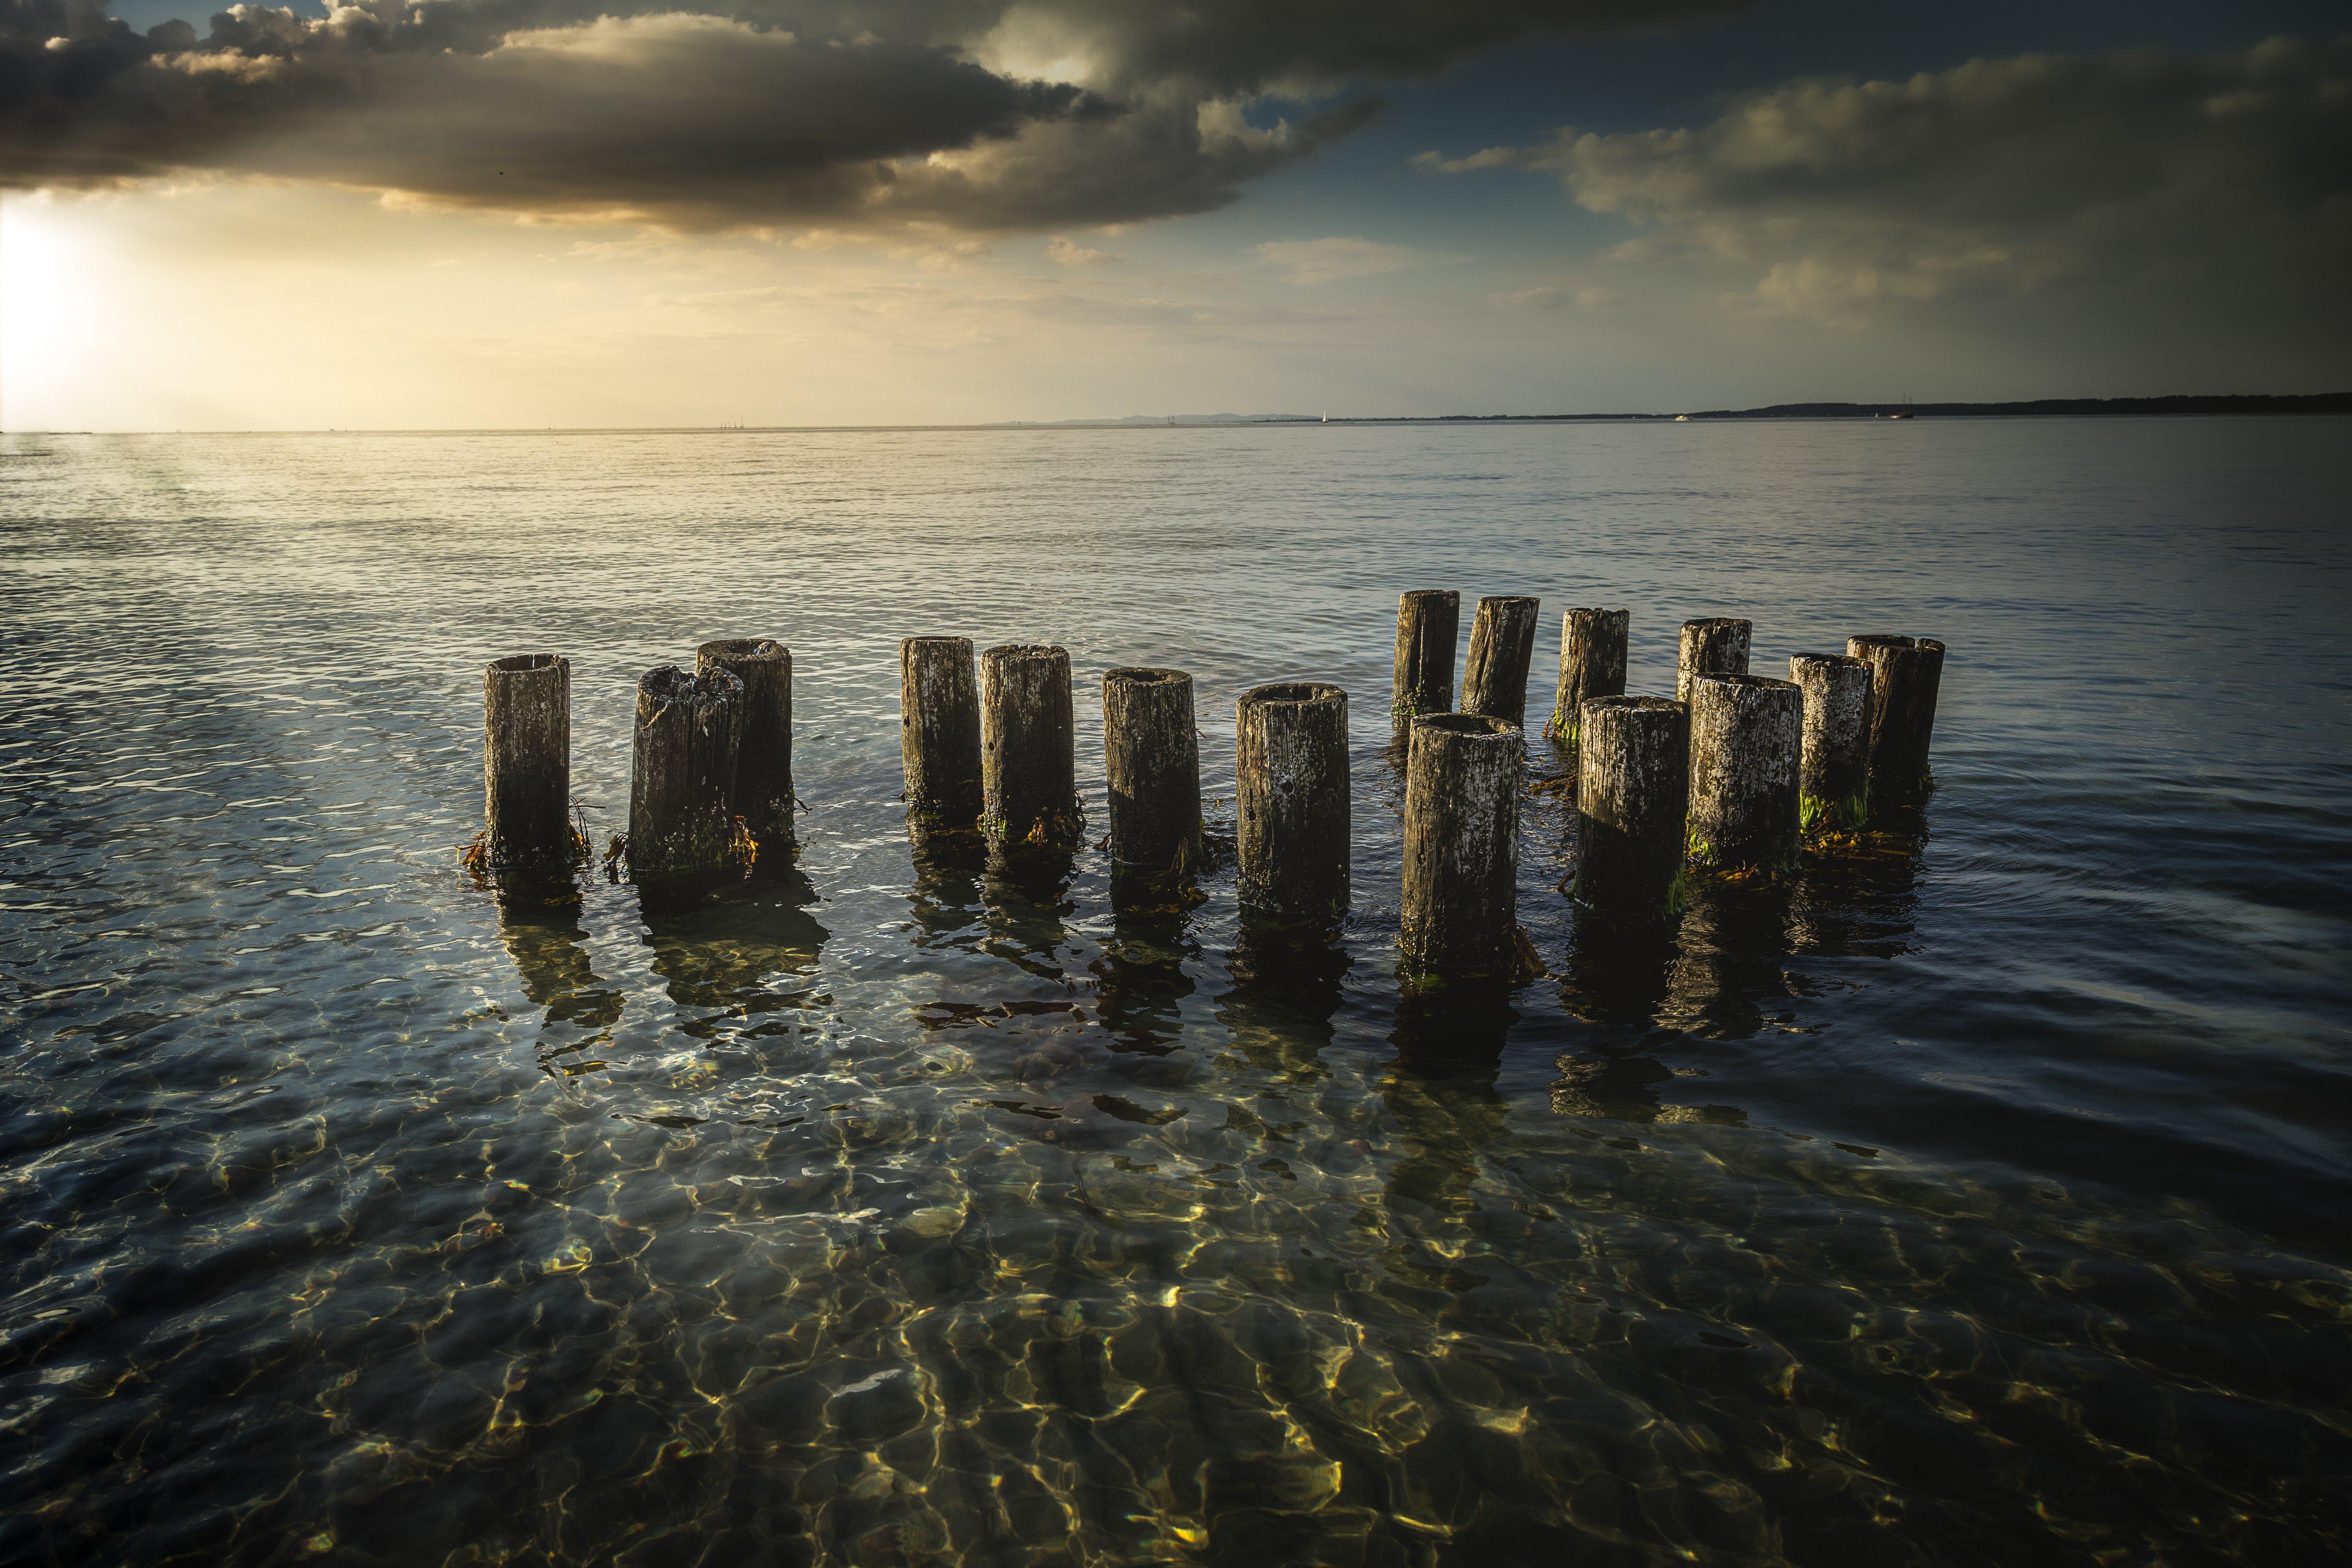 """""""Pludselig oplyses de mørke, truende skyer og havet af et magisk og kraftigt lys. En helt guddommelig oplevelse, som sad længe i mig.""""  Foto: Storm Svensson"""